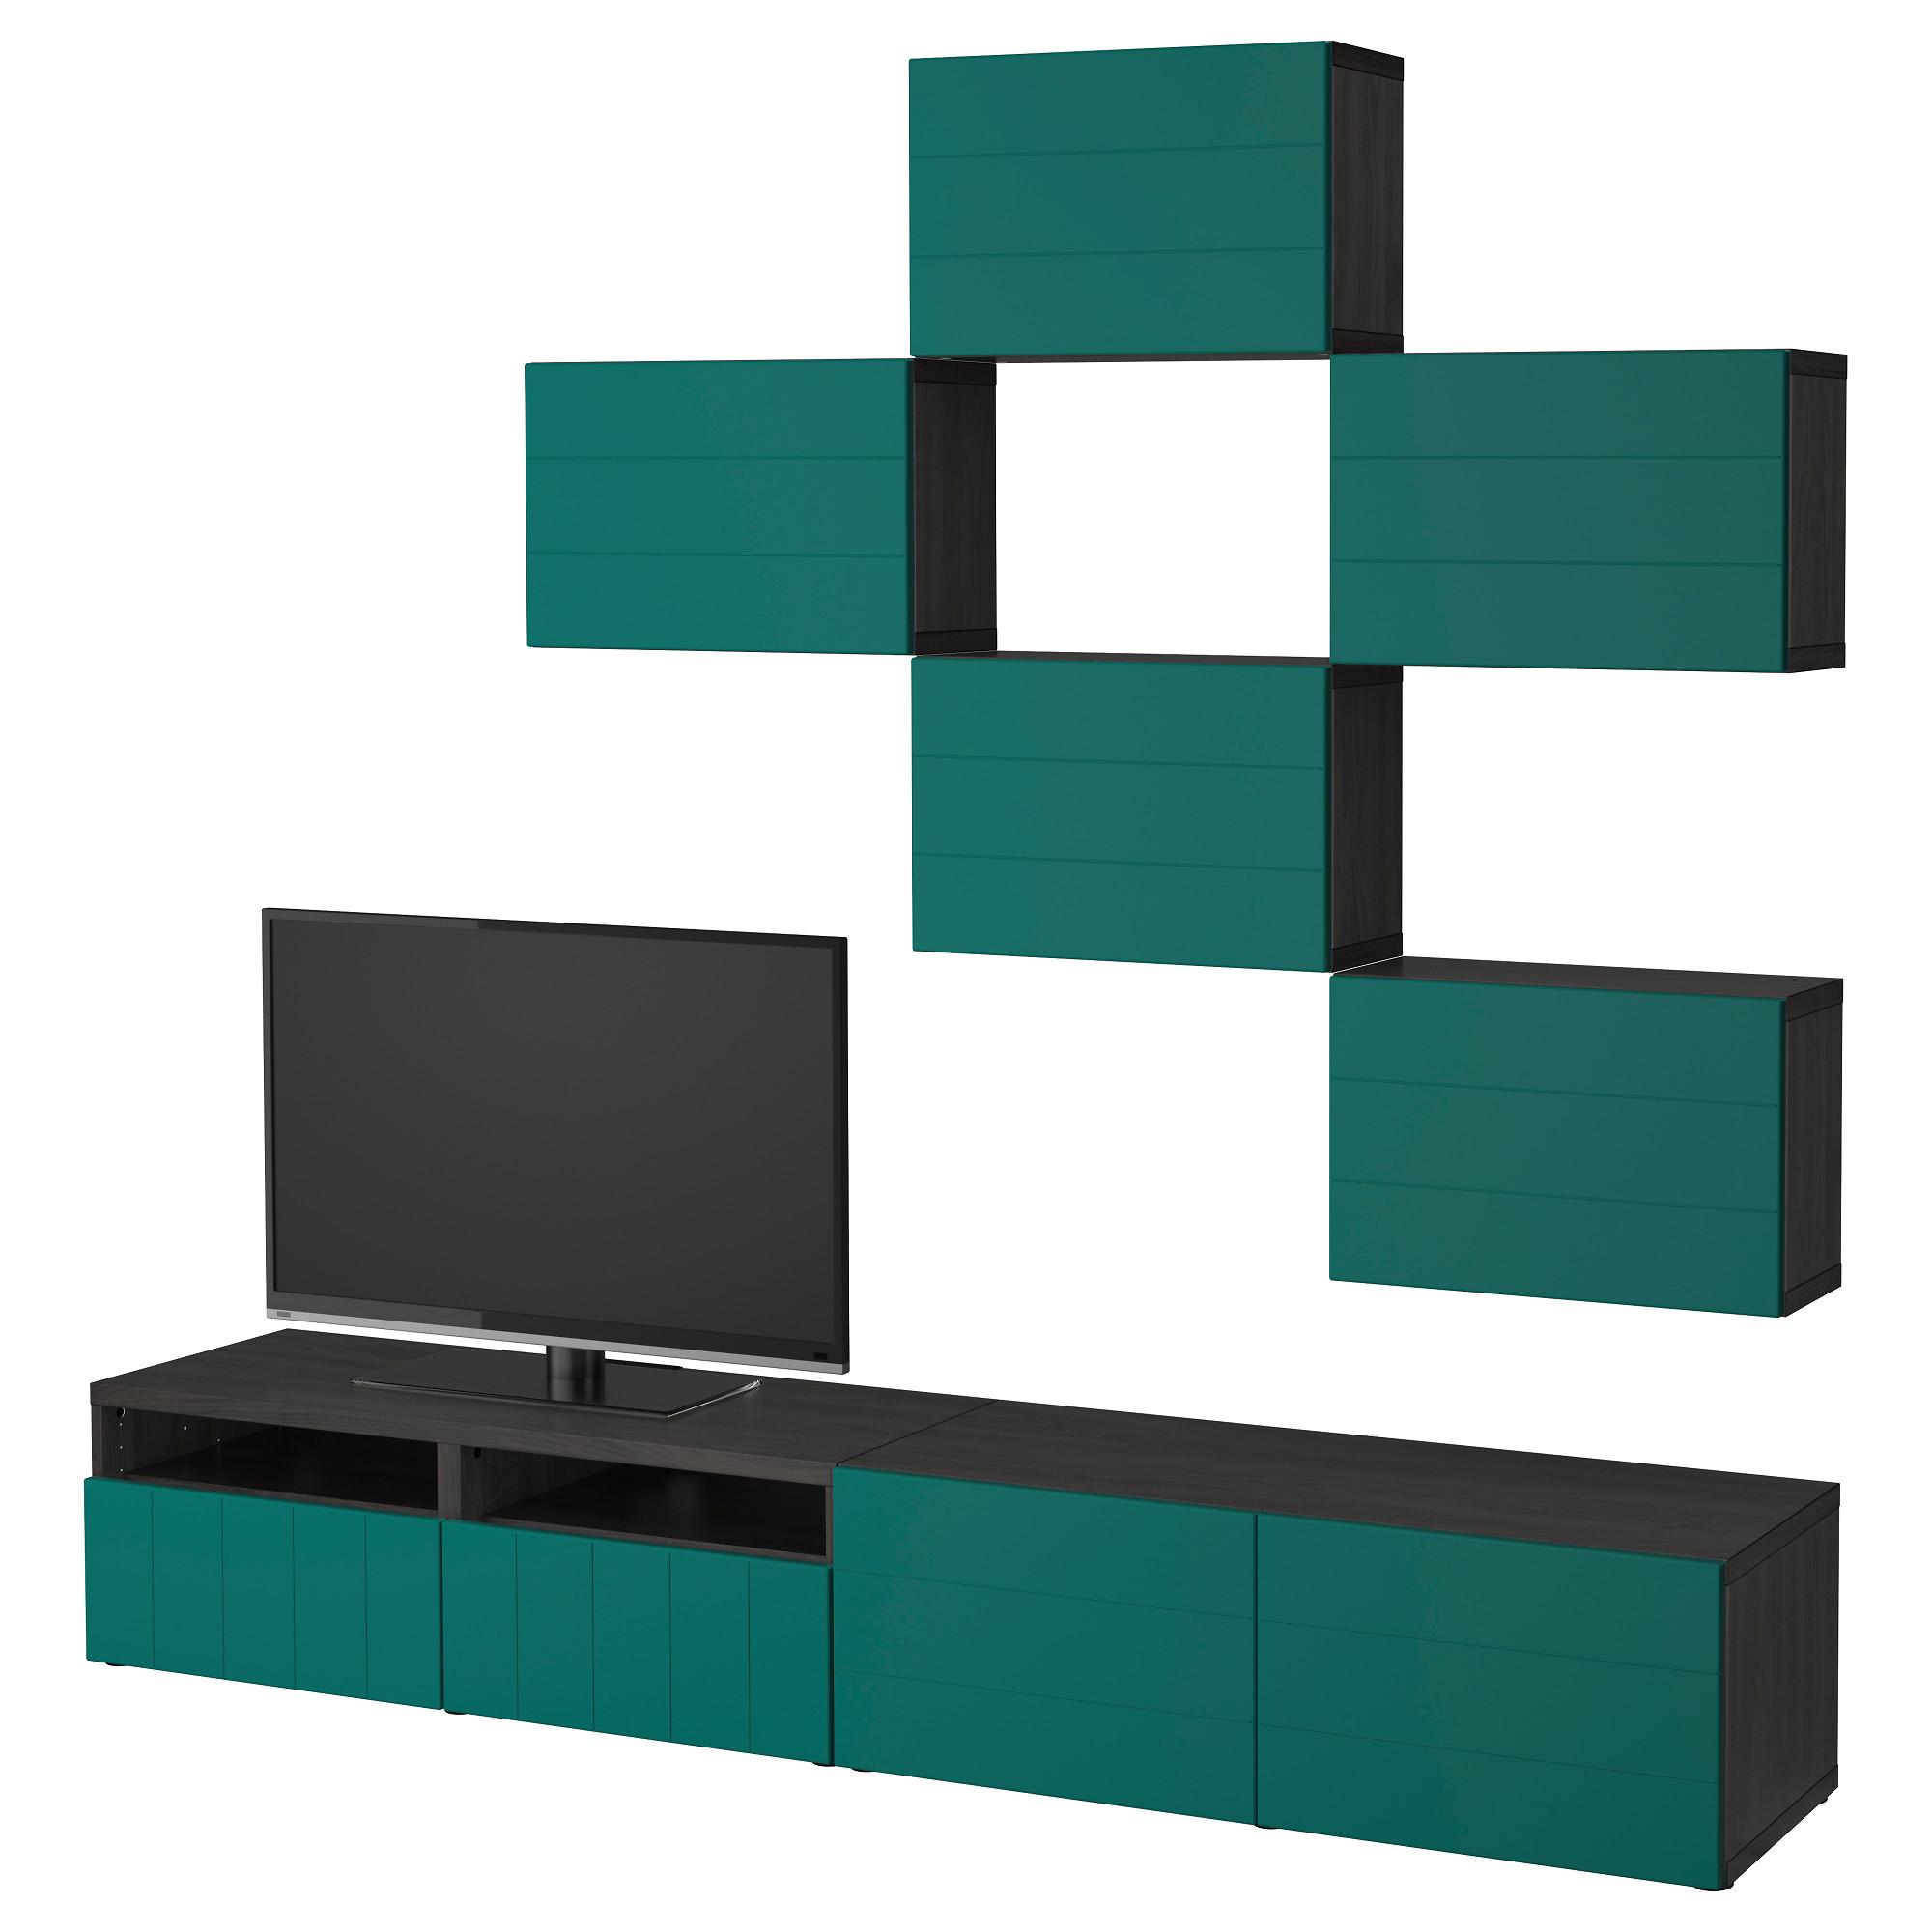 Шкаф для ТВ, комбинация БЕСТО сине-зеленый артикуль № 892.761.18 в наличии. Интернет сайт IKEA Республика Беларусь. Быстрая доставка и монтаж.